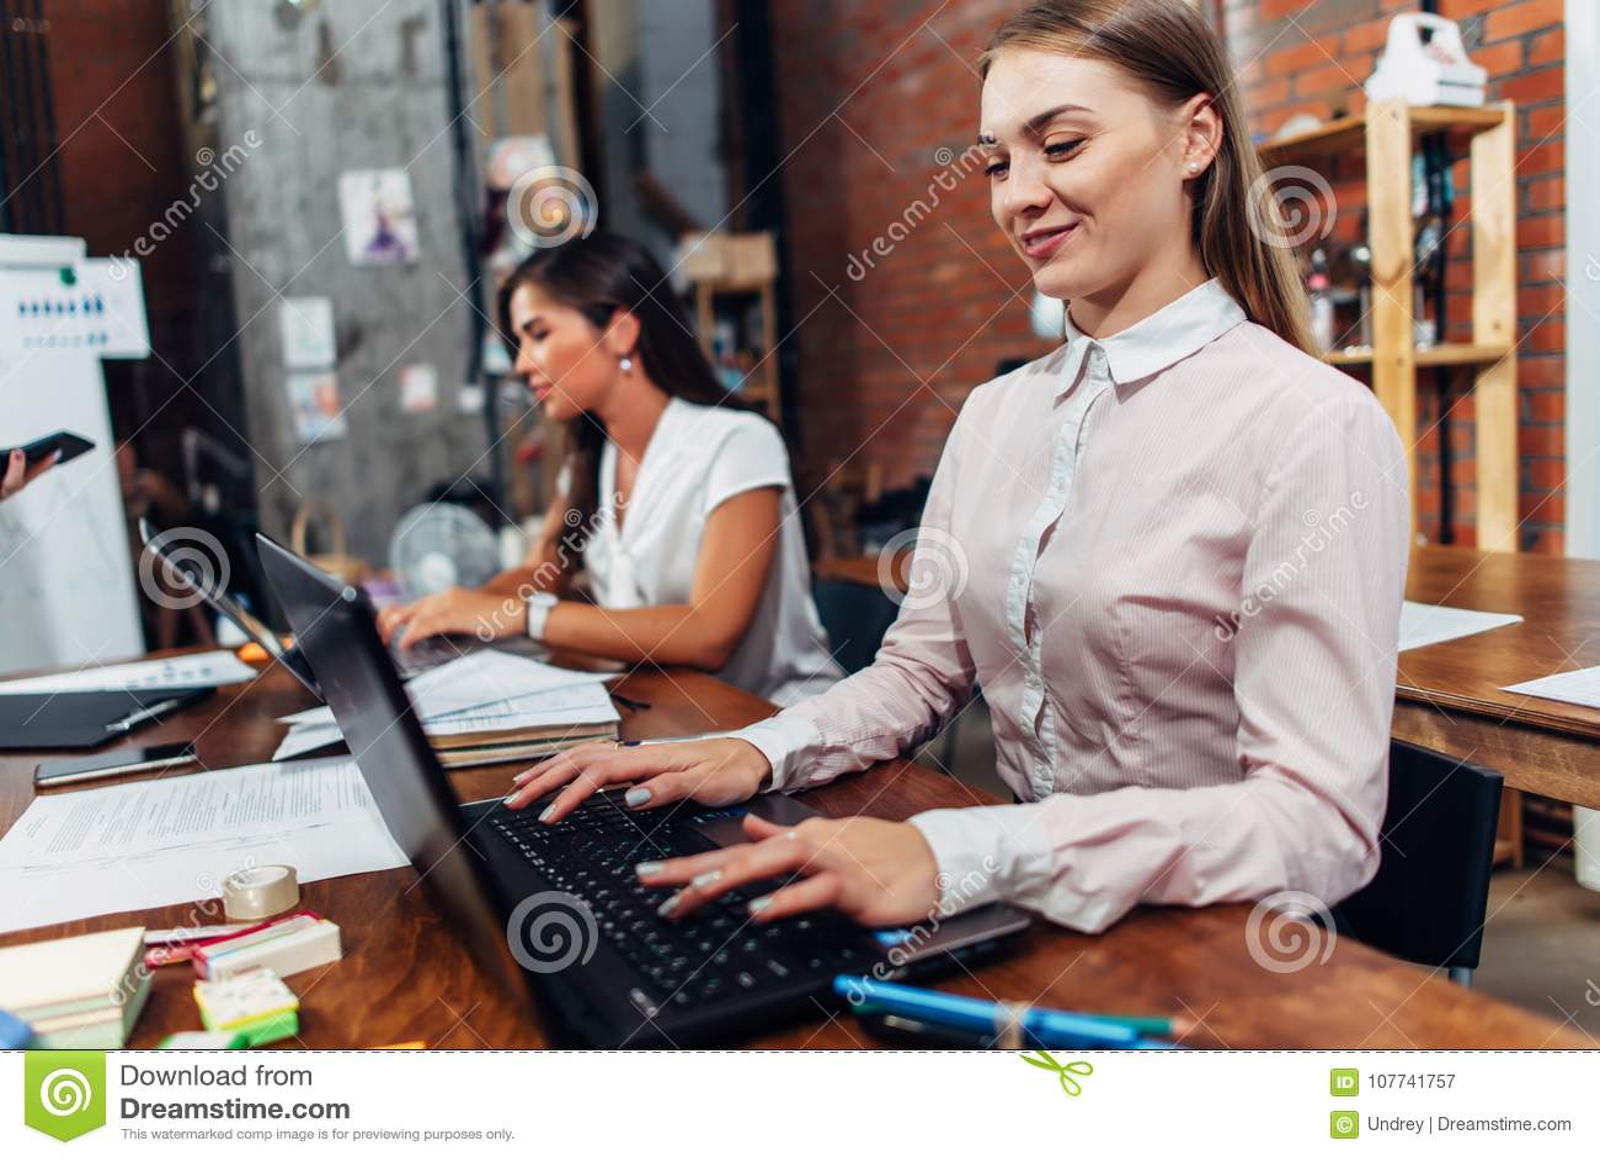 佩带正式工作服的友好的女性办公室工作者键入在运转在创造性的机构中的膝上型计算机键盘